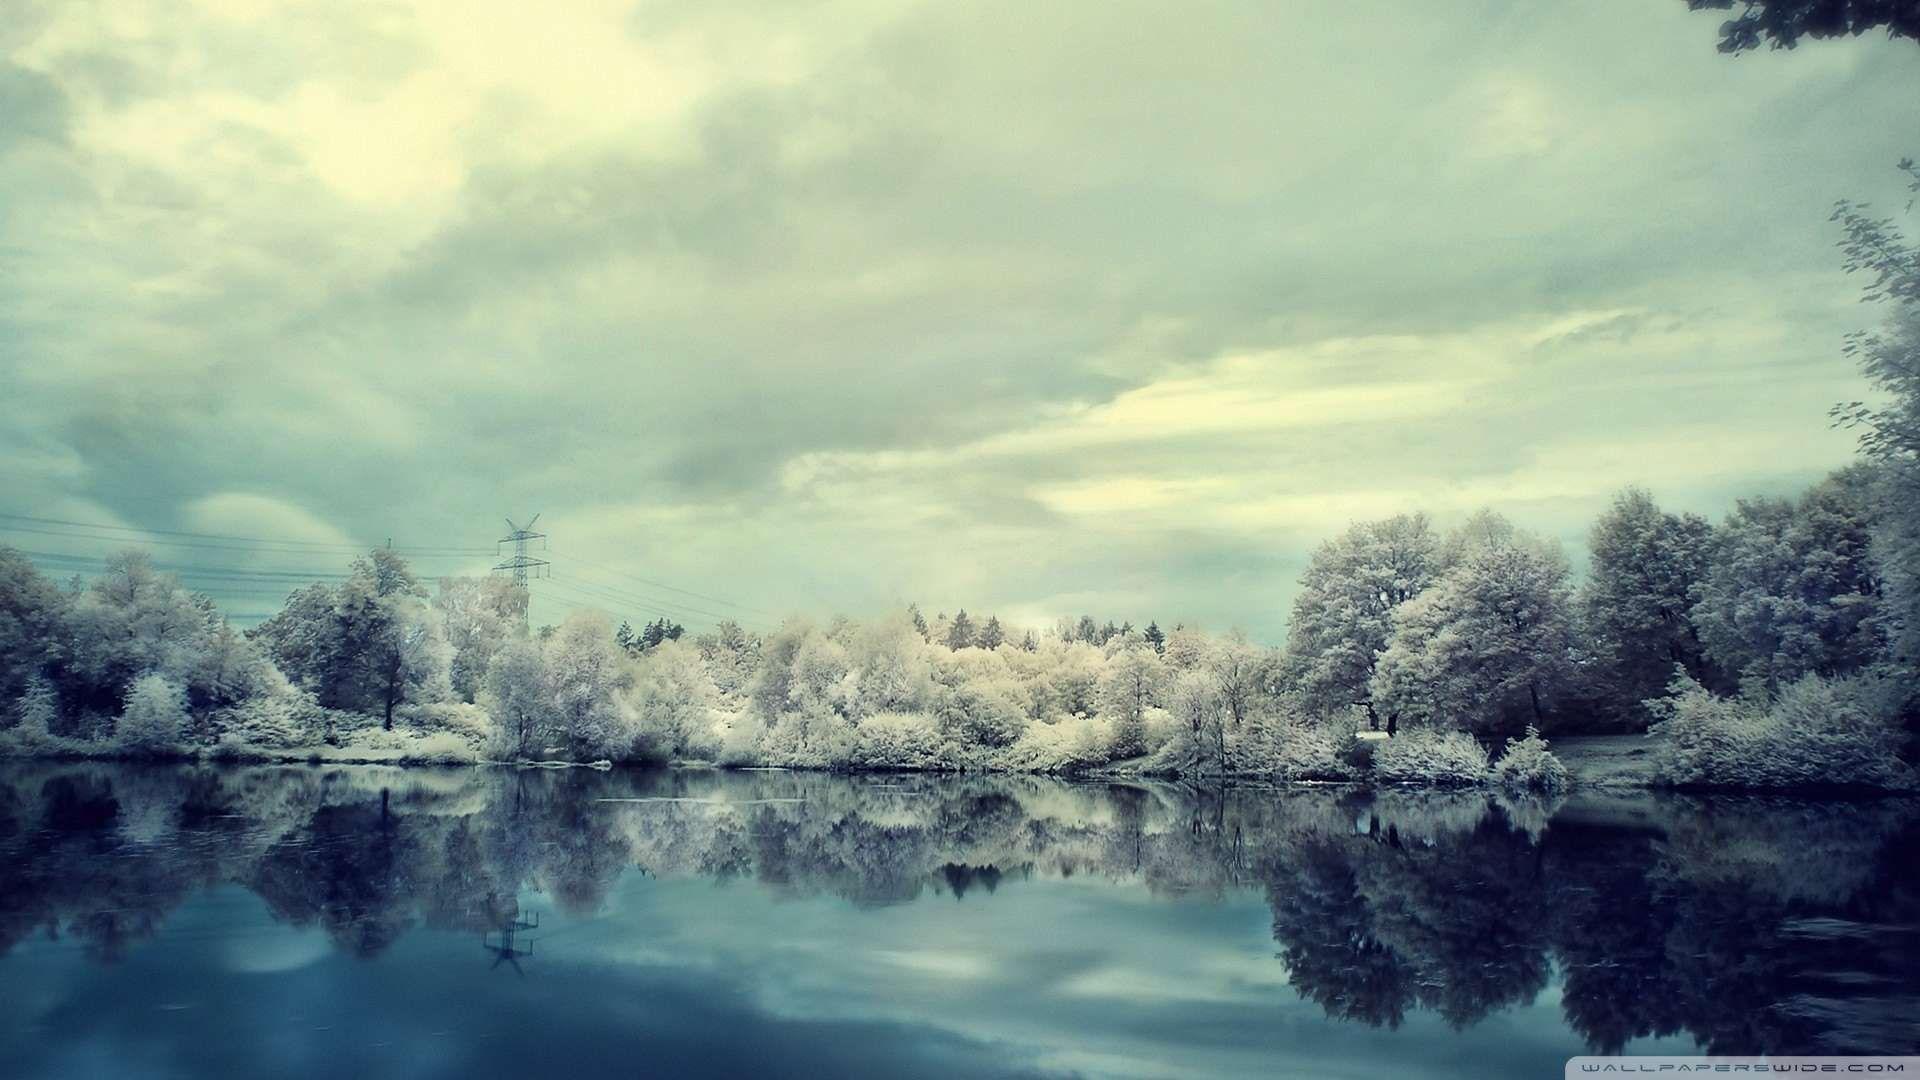 Beautiful Frozen Landscape Wallpaper 1080p Hd Landscape Wallpaper Winter Landscape Landscape Background